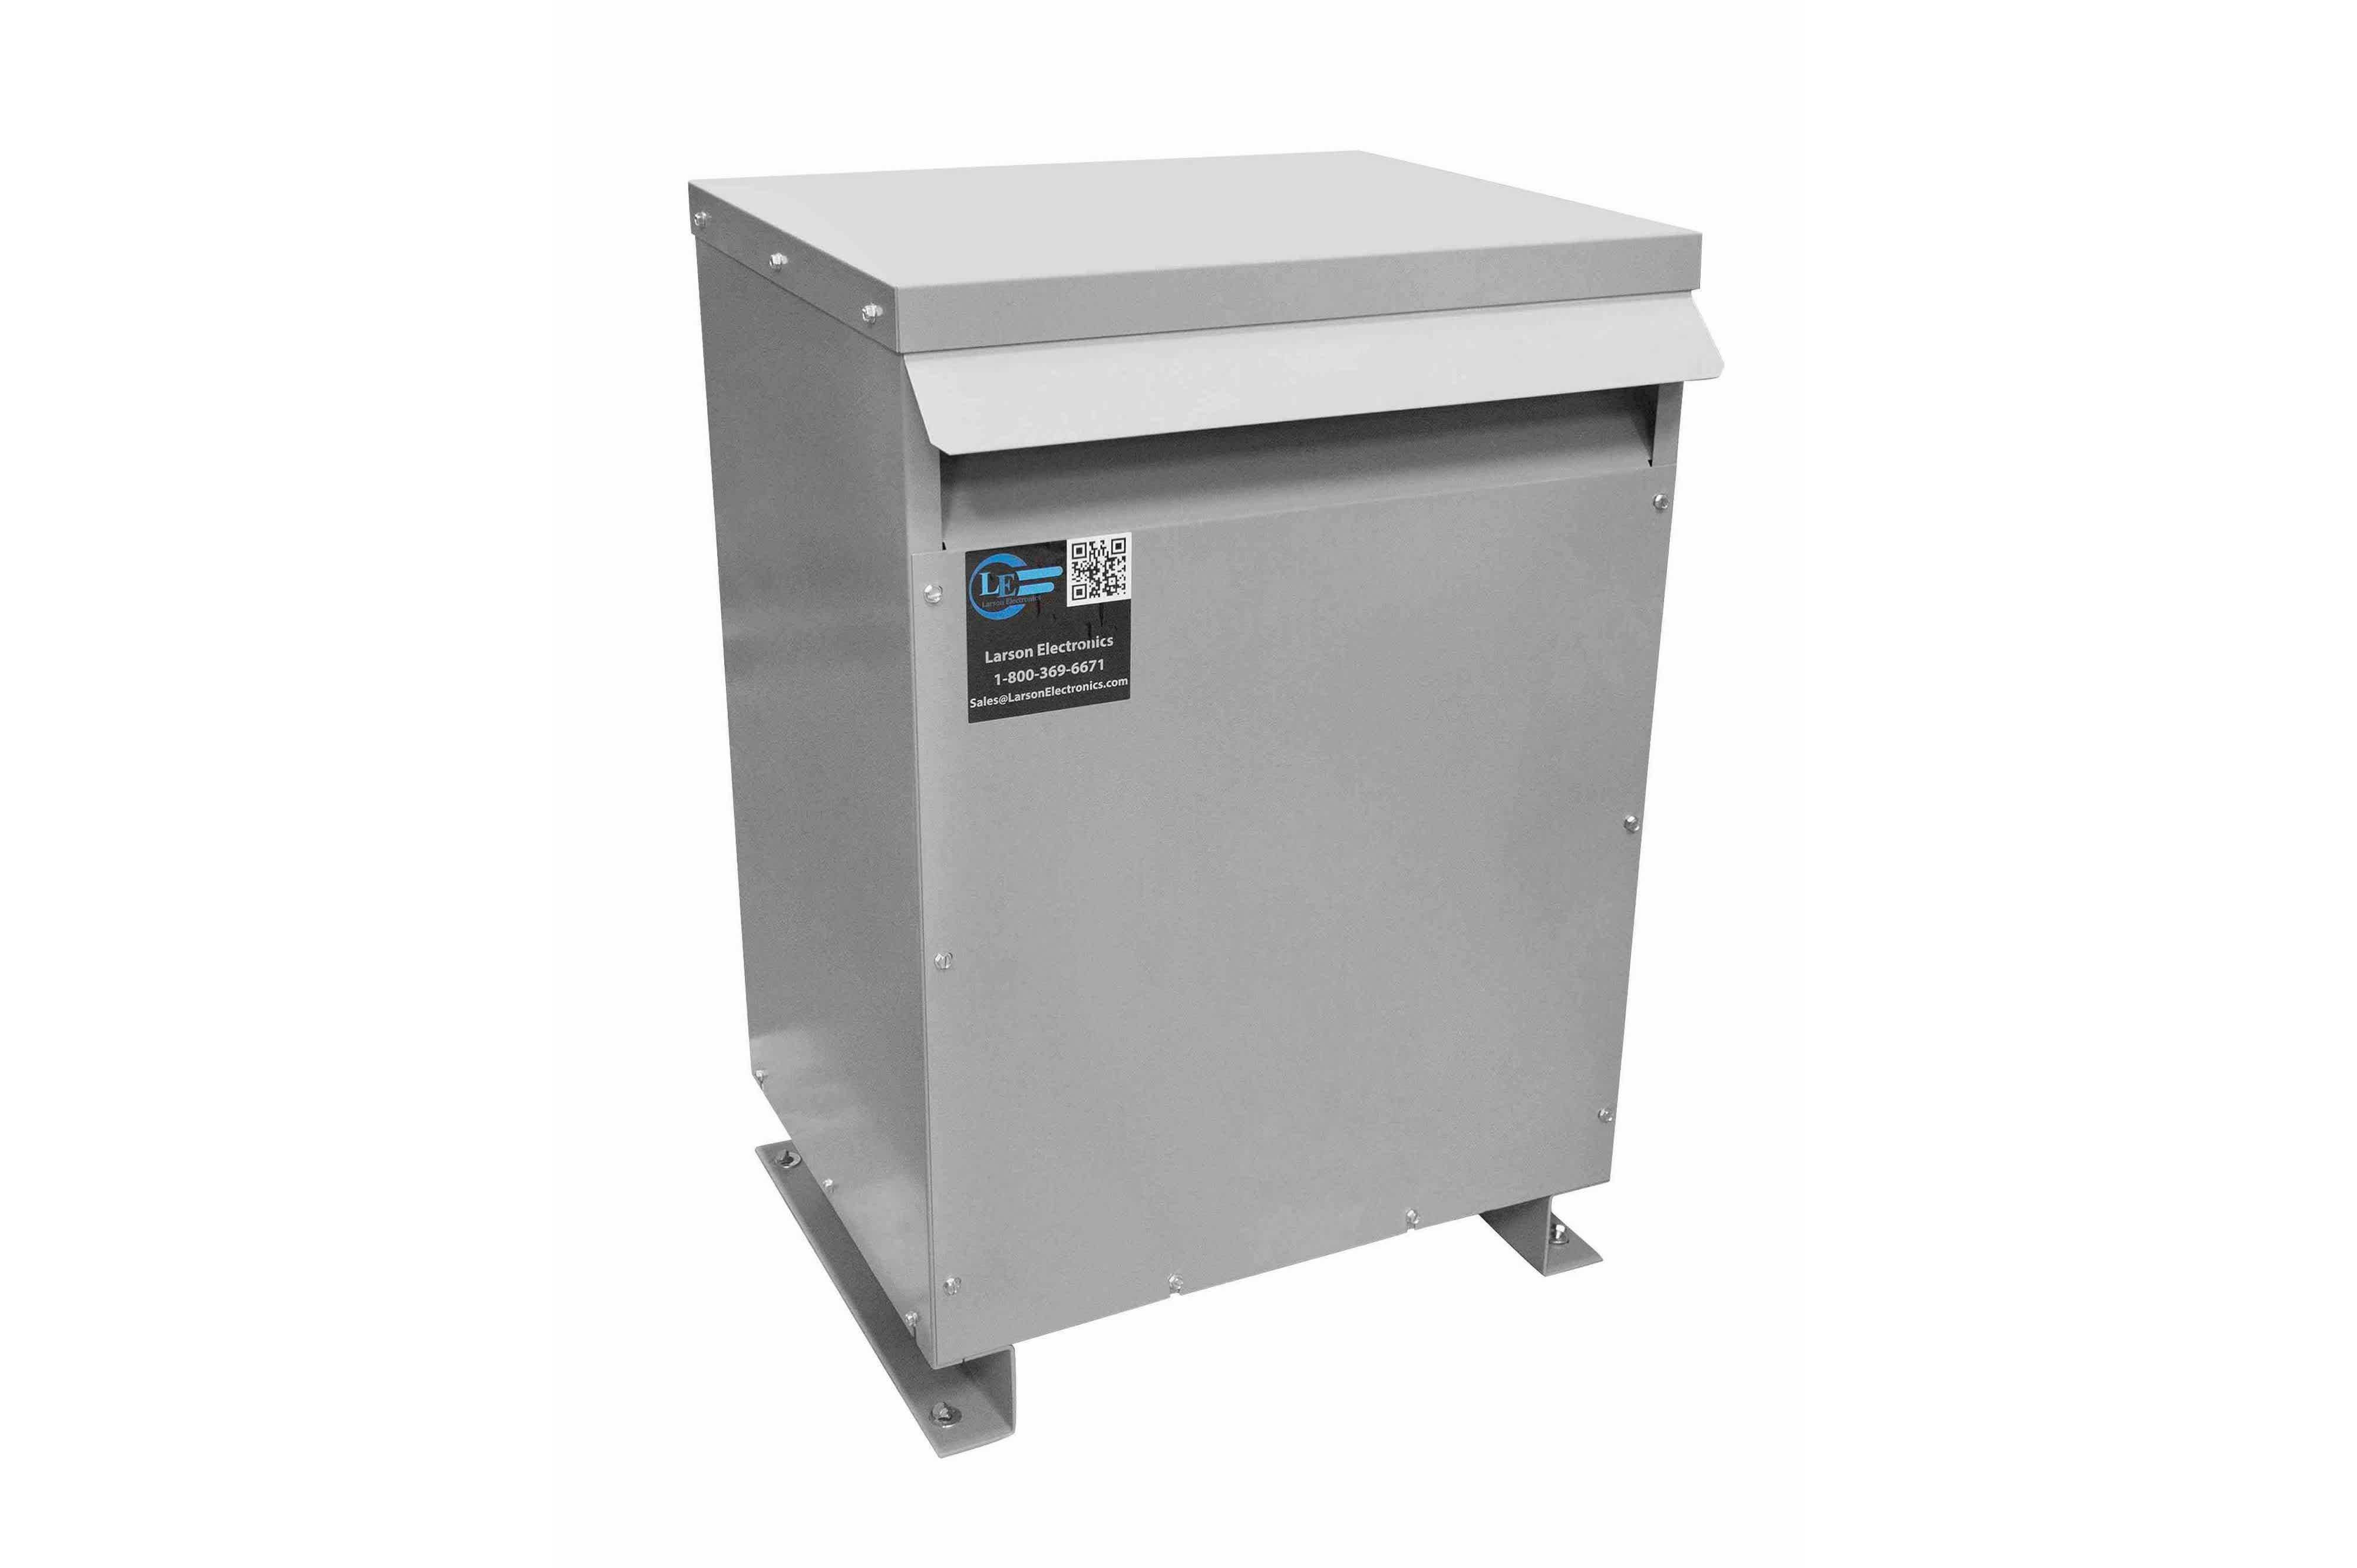 38 kVA 3PH Isolation Transformer, 480V Delta Primary, 380V Delta Secondary, N3R, Ventilated, 60 Hz